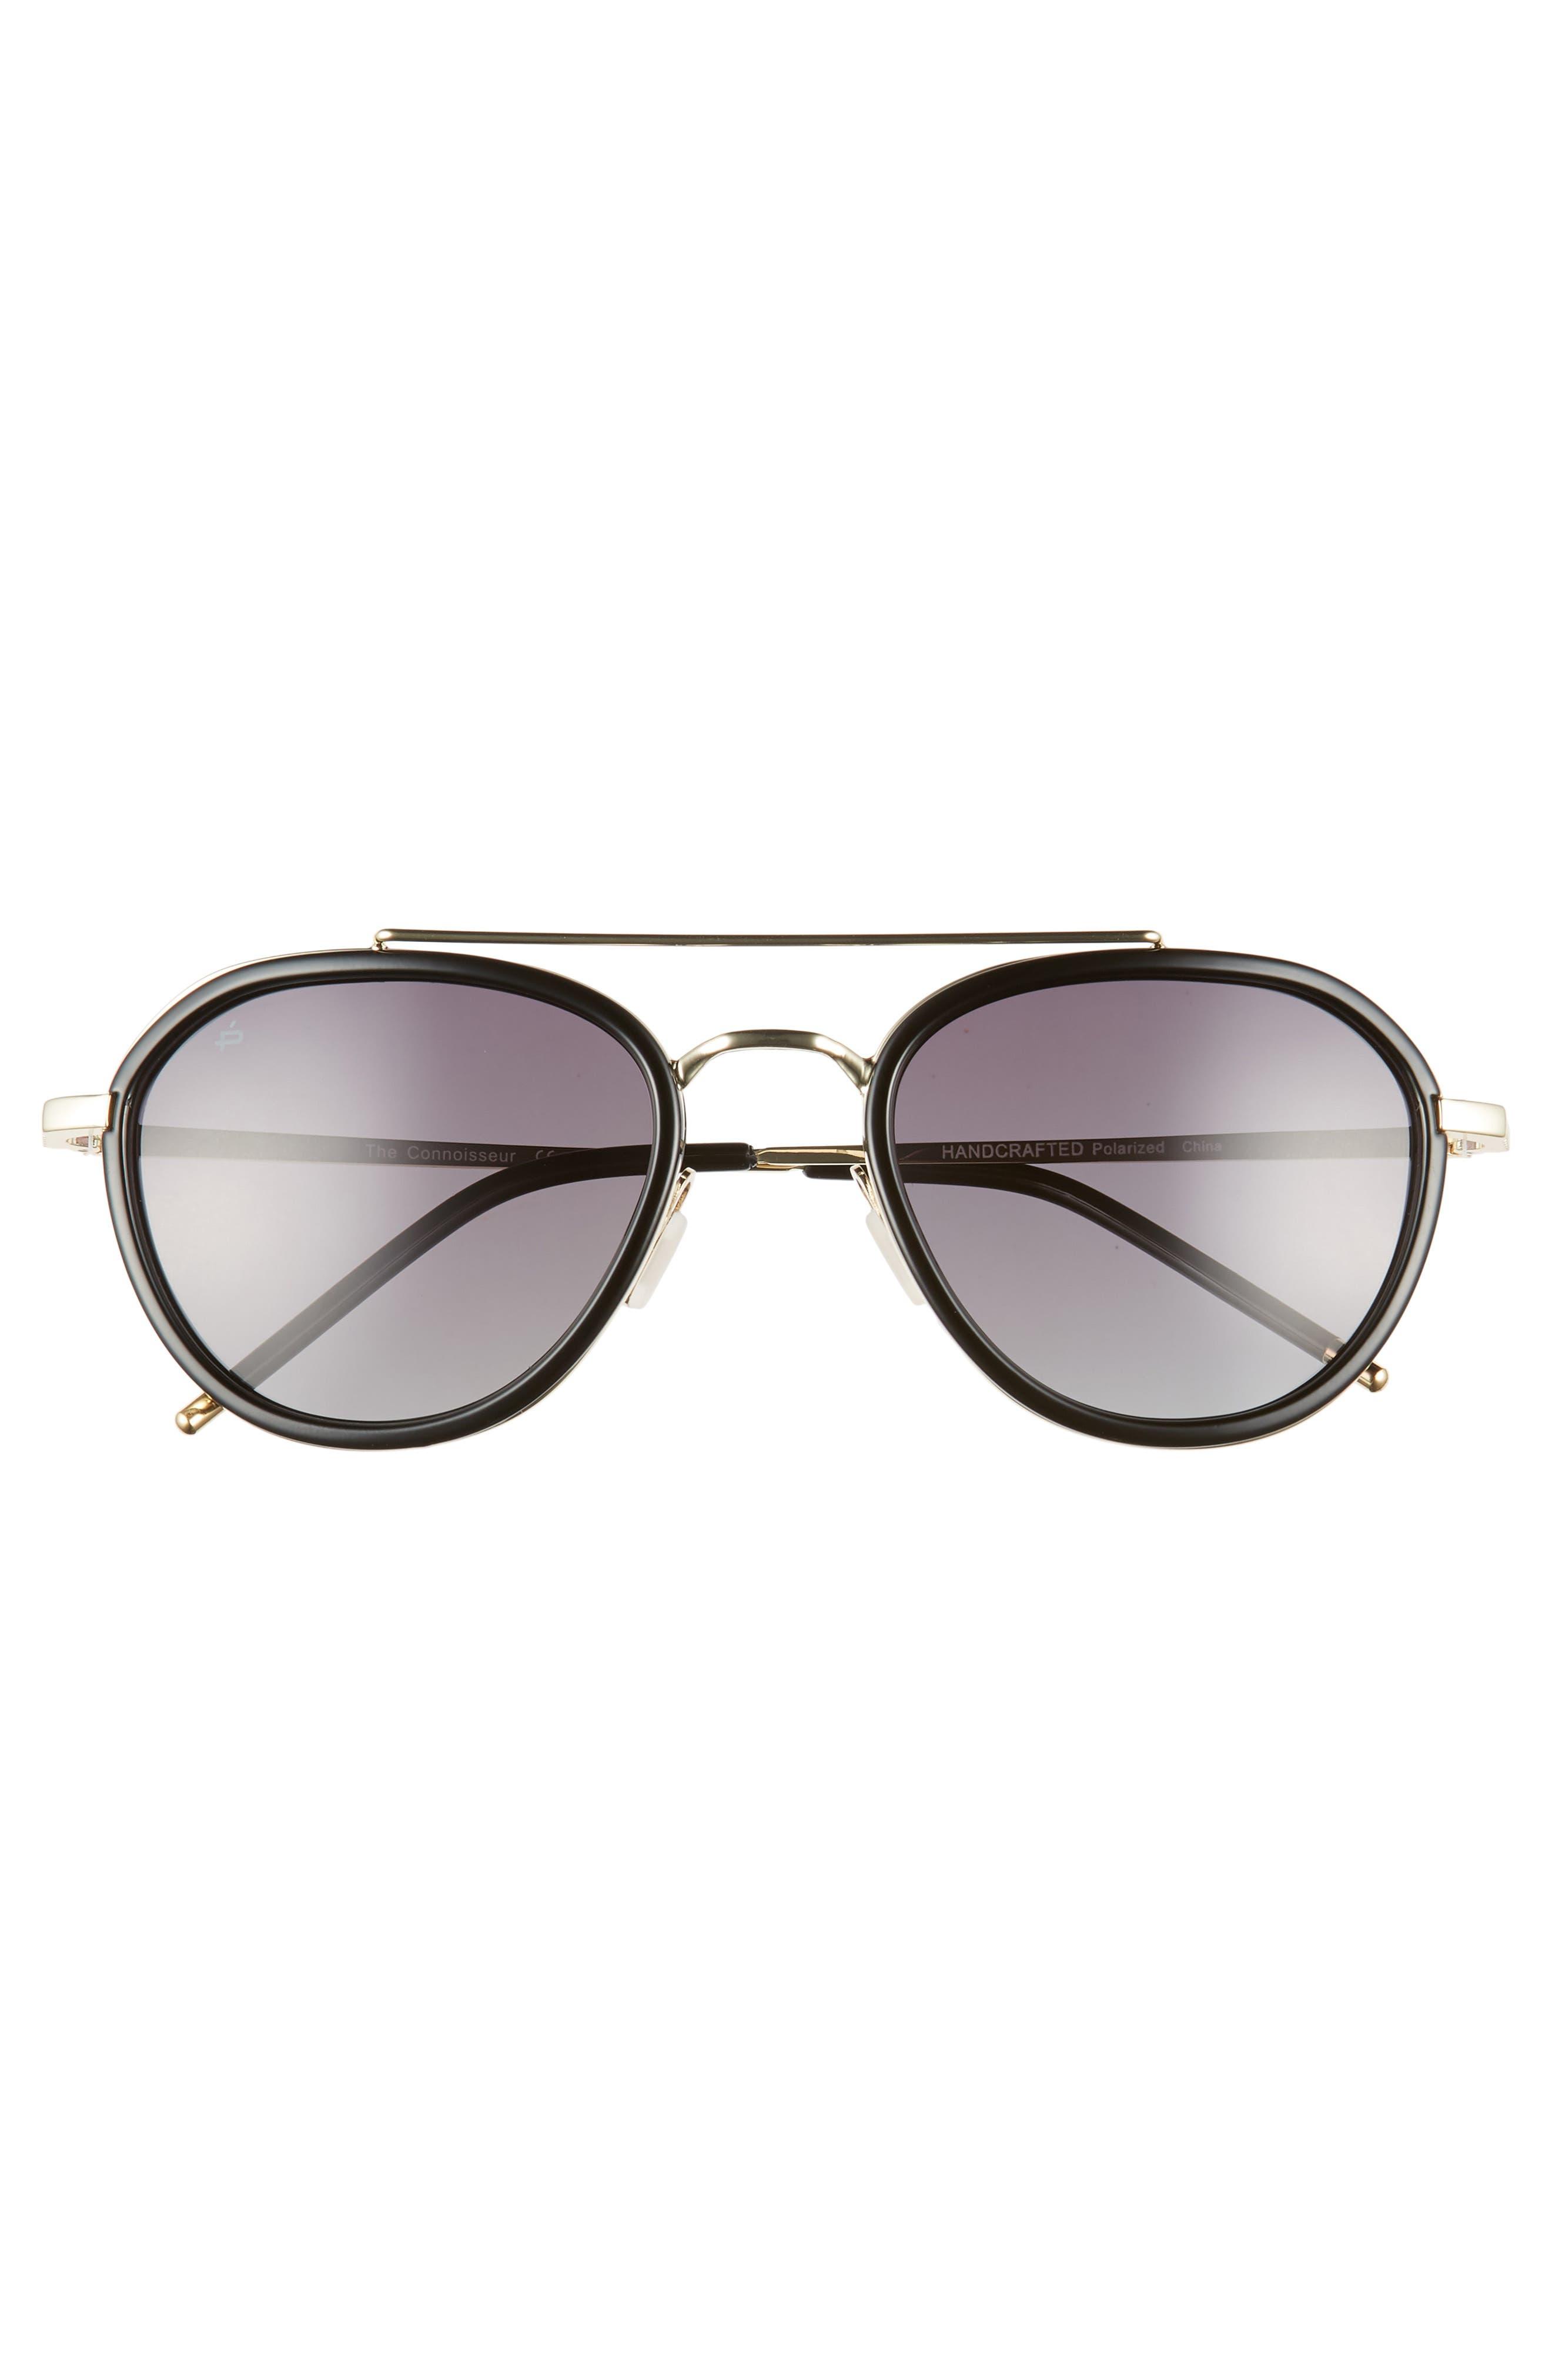 Privé Revaux The Connoisseur 53mm Polarized Sunglasses,                             Alternate thumbnail 2, color,                             Black